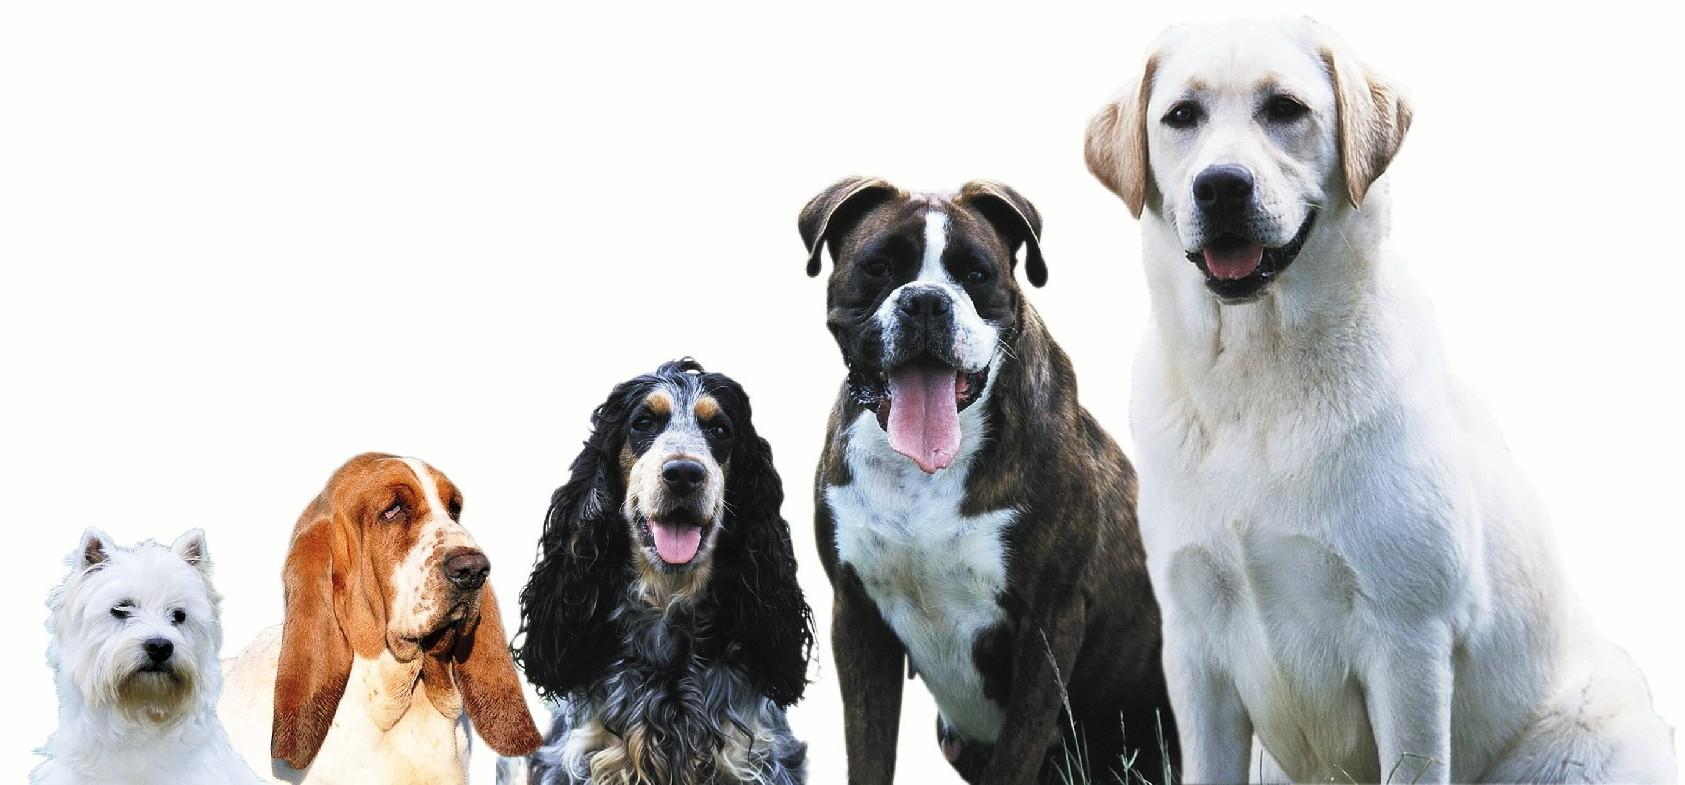 chiens5.jpg